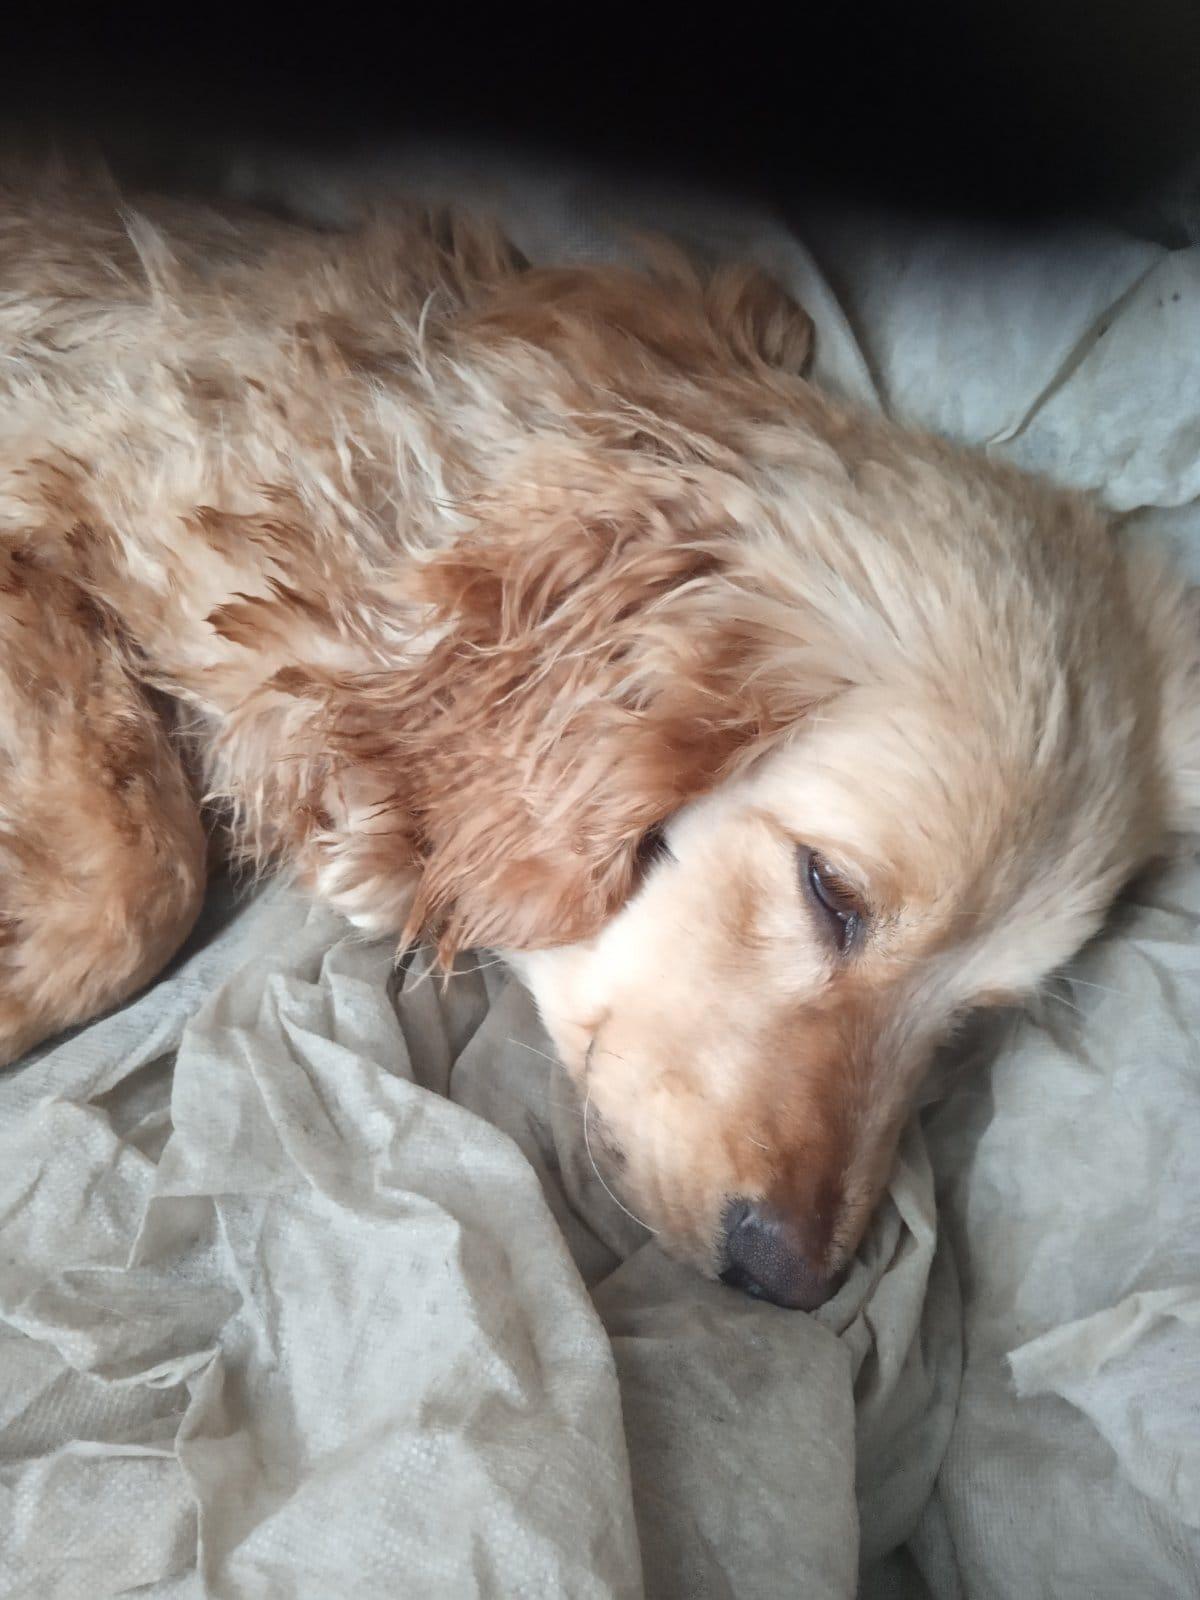 На Бориспільщині нелюди прив'язали та покинули собаку на засніженому полі - собака, порятунок життя - 149426901 3823685374378152 5283863395437562003 o